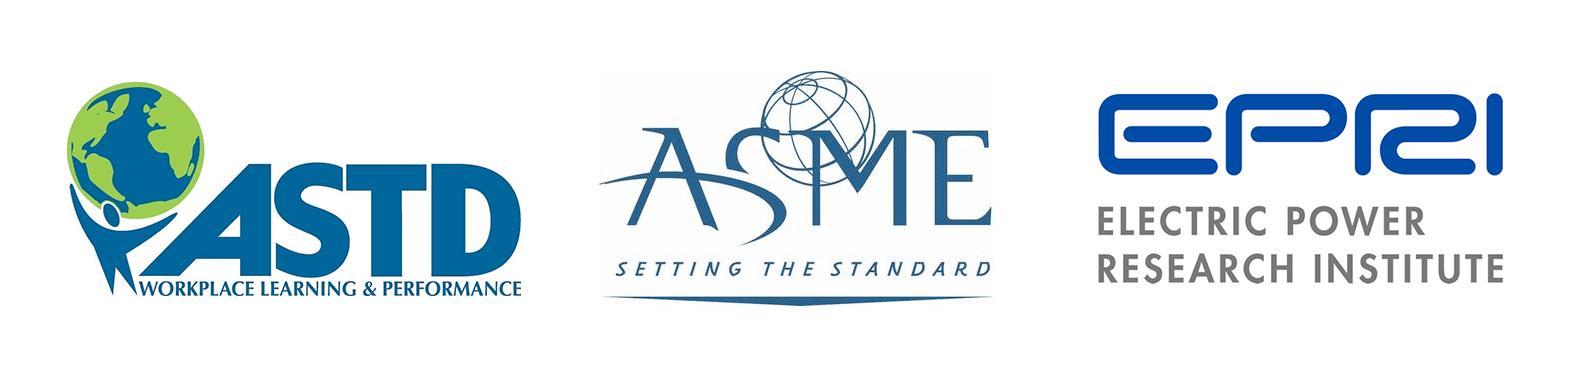 ASTD ASME EPRI partner logos